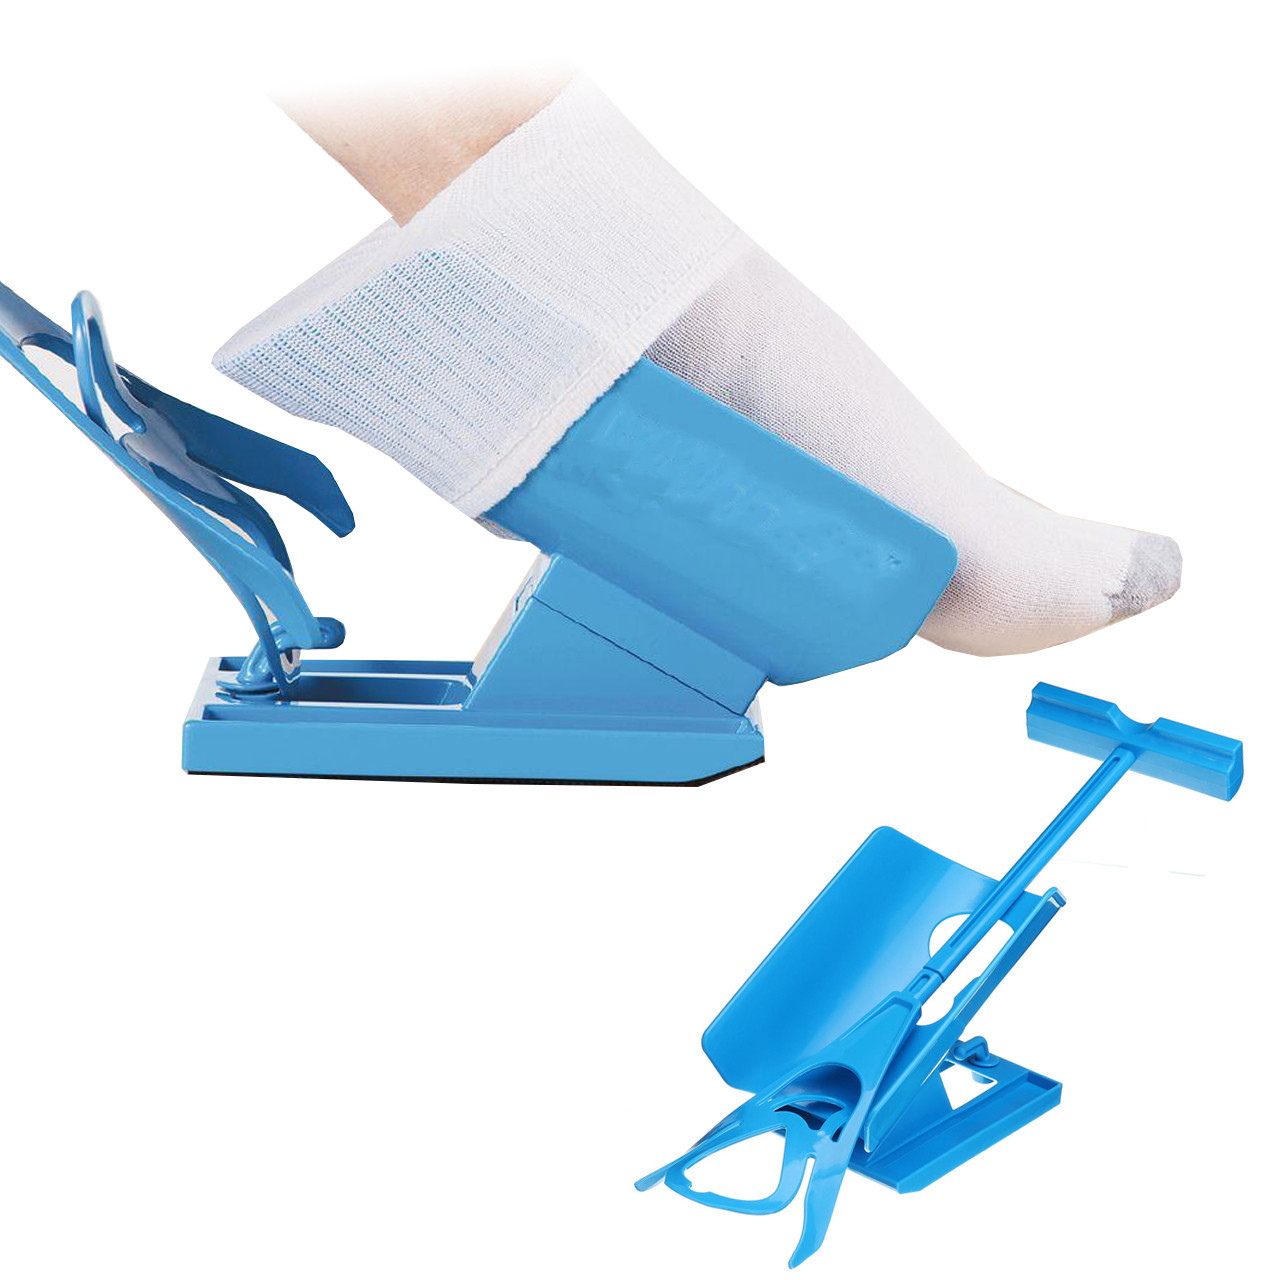 Допоміжне пристосування Sock Slider для одягання шкарпеток (2888-8823)